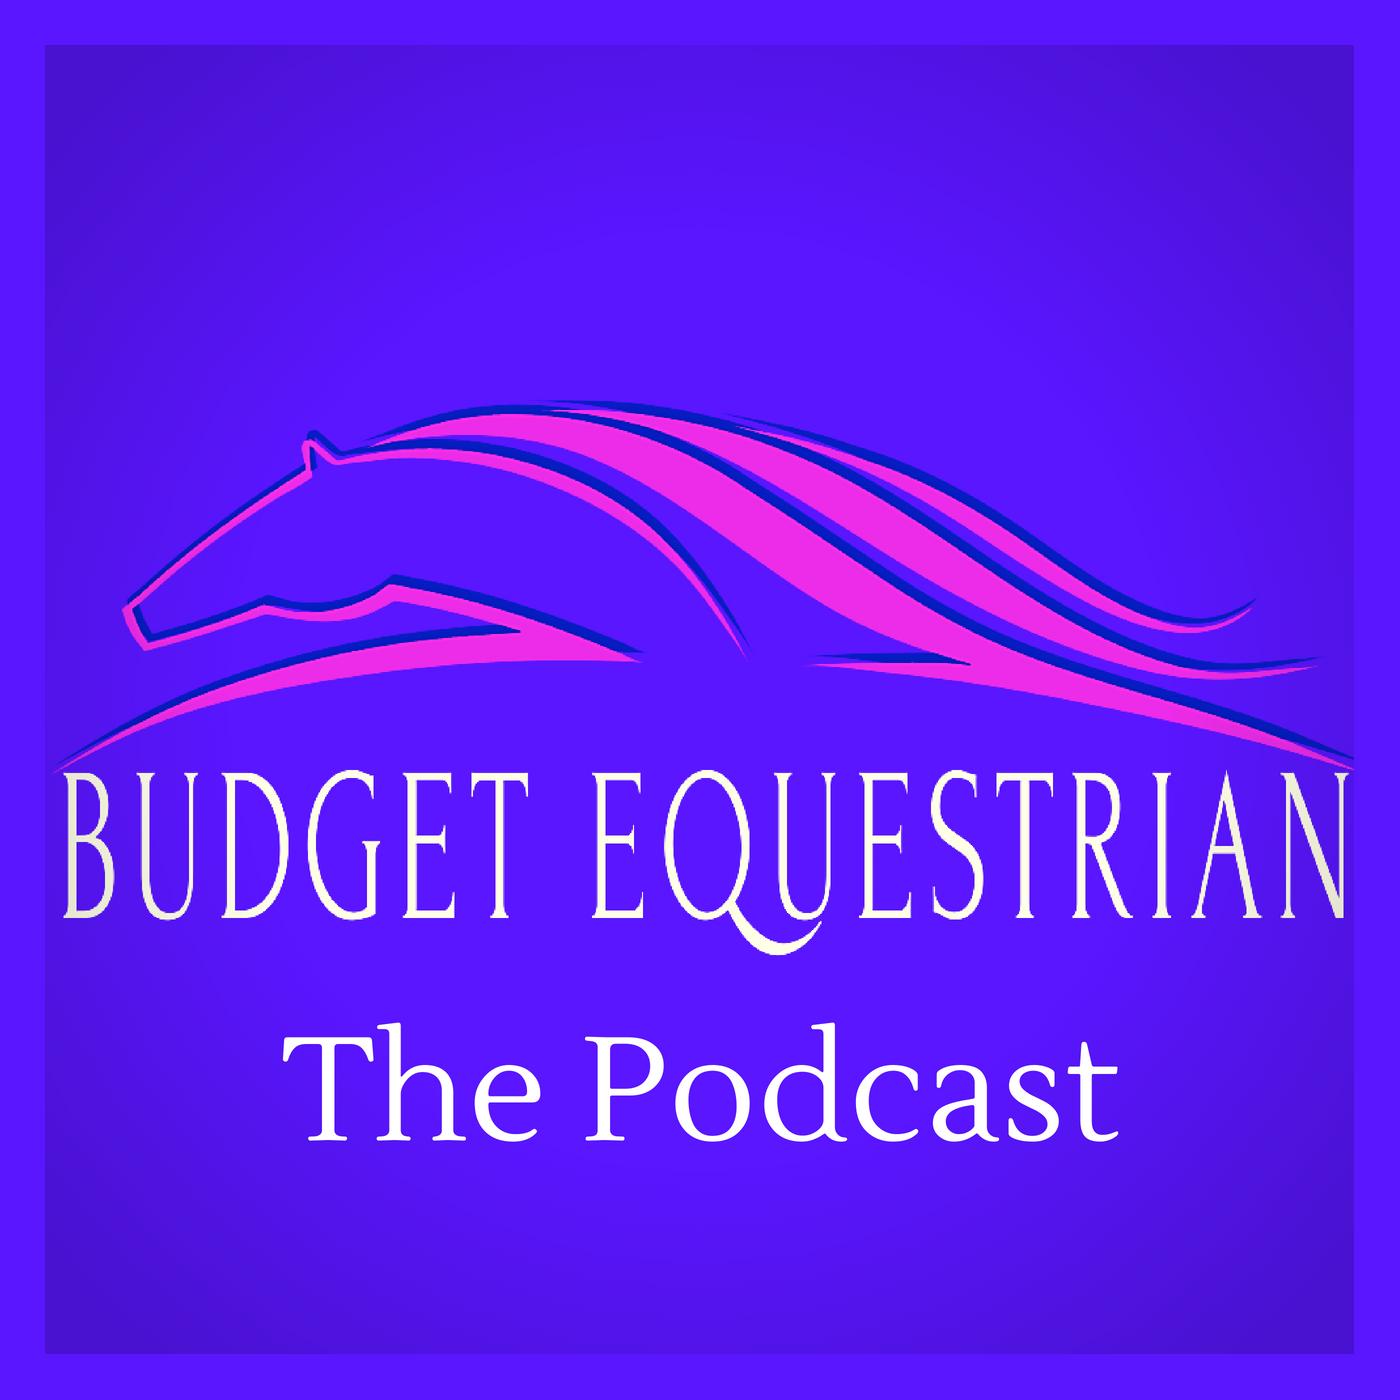 budgetequestrian's podcast show art